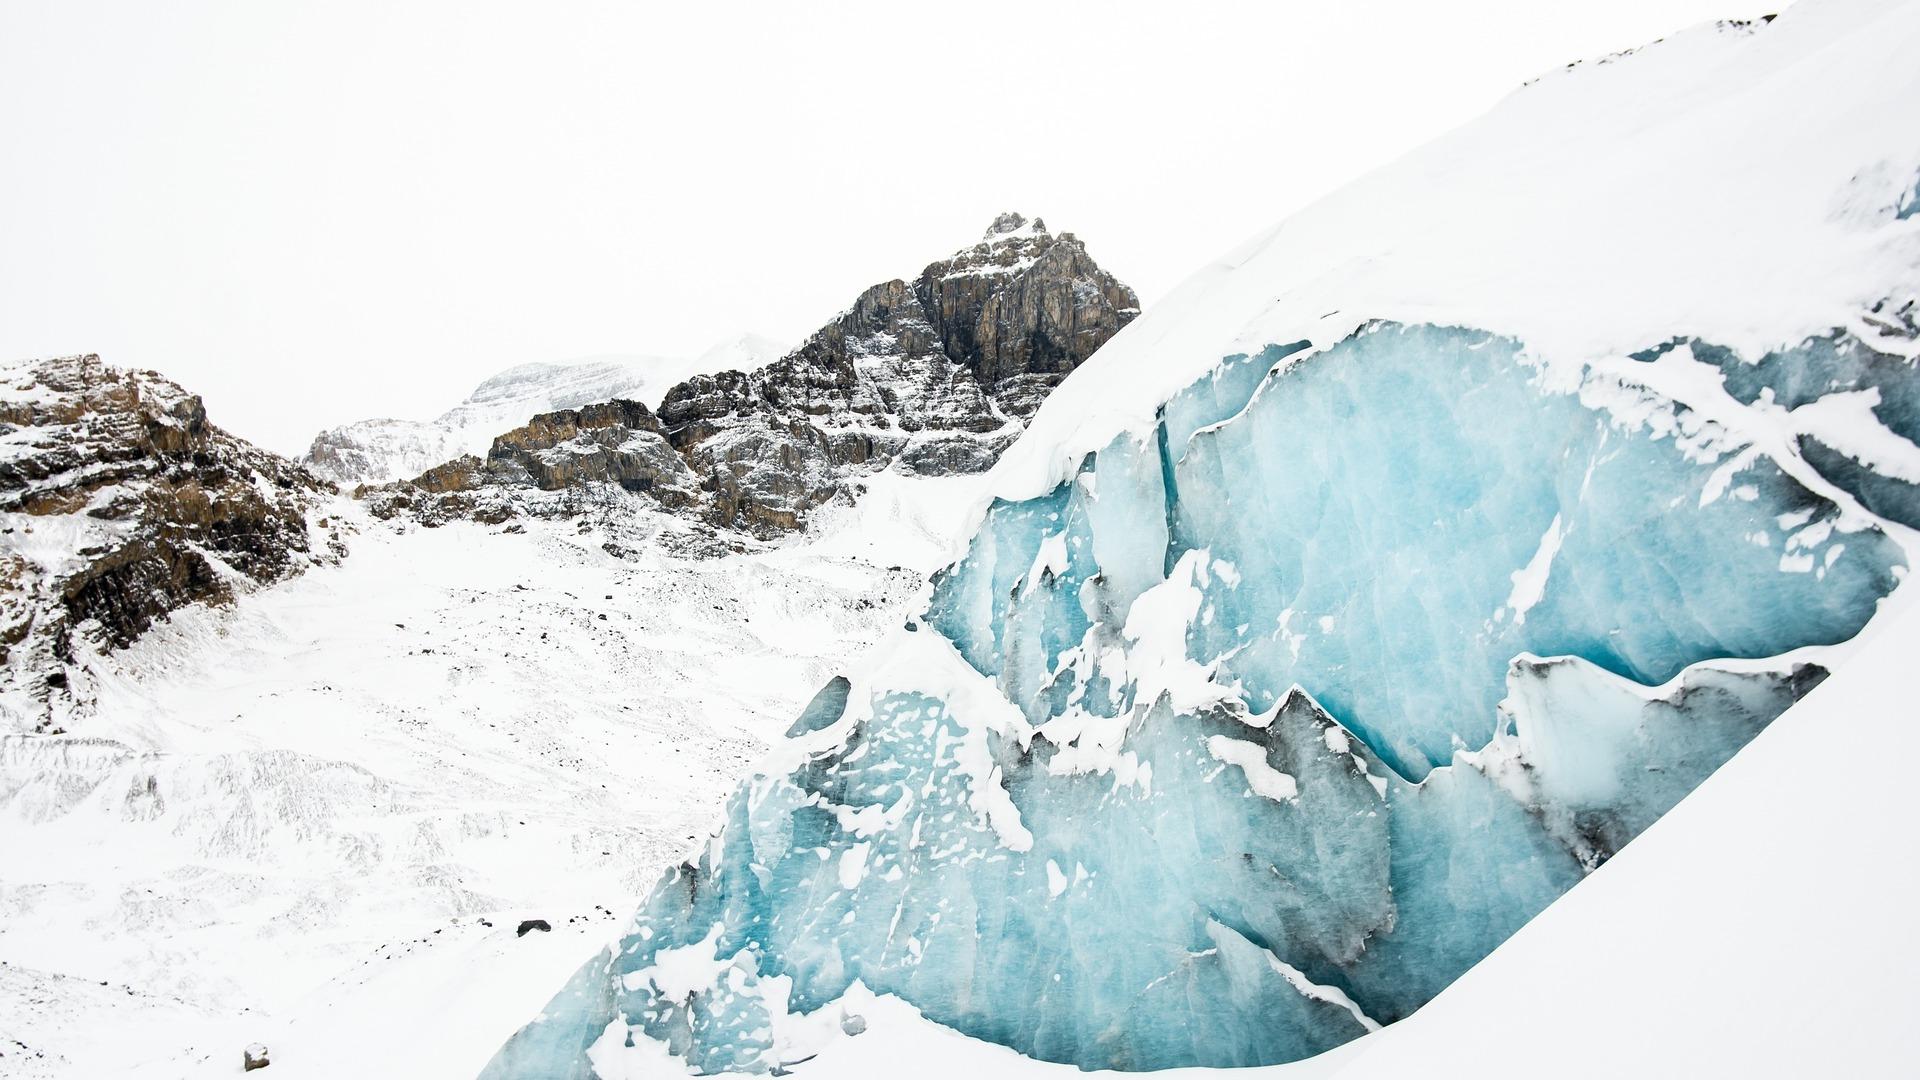 glaciers-1148976_1920